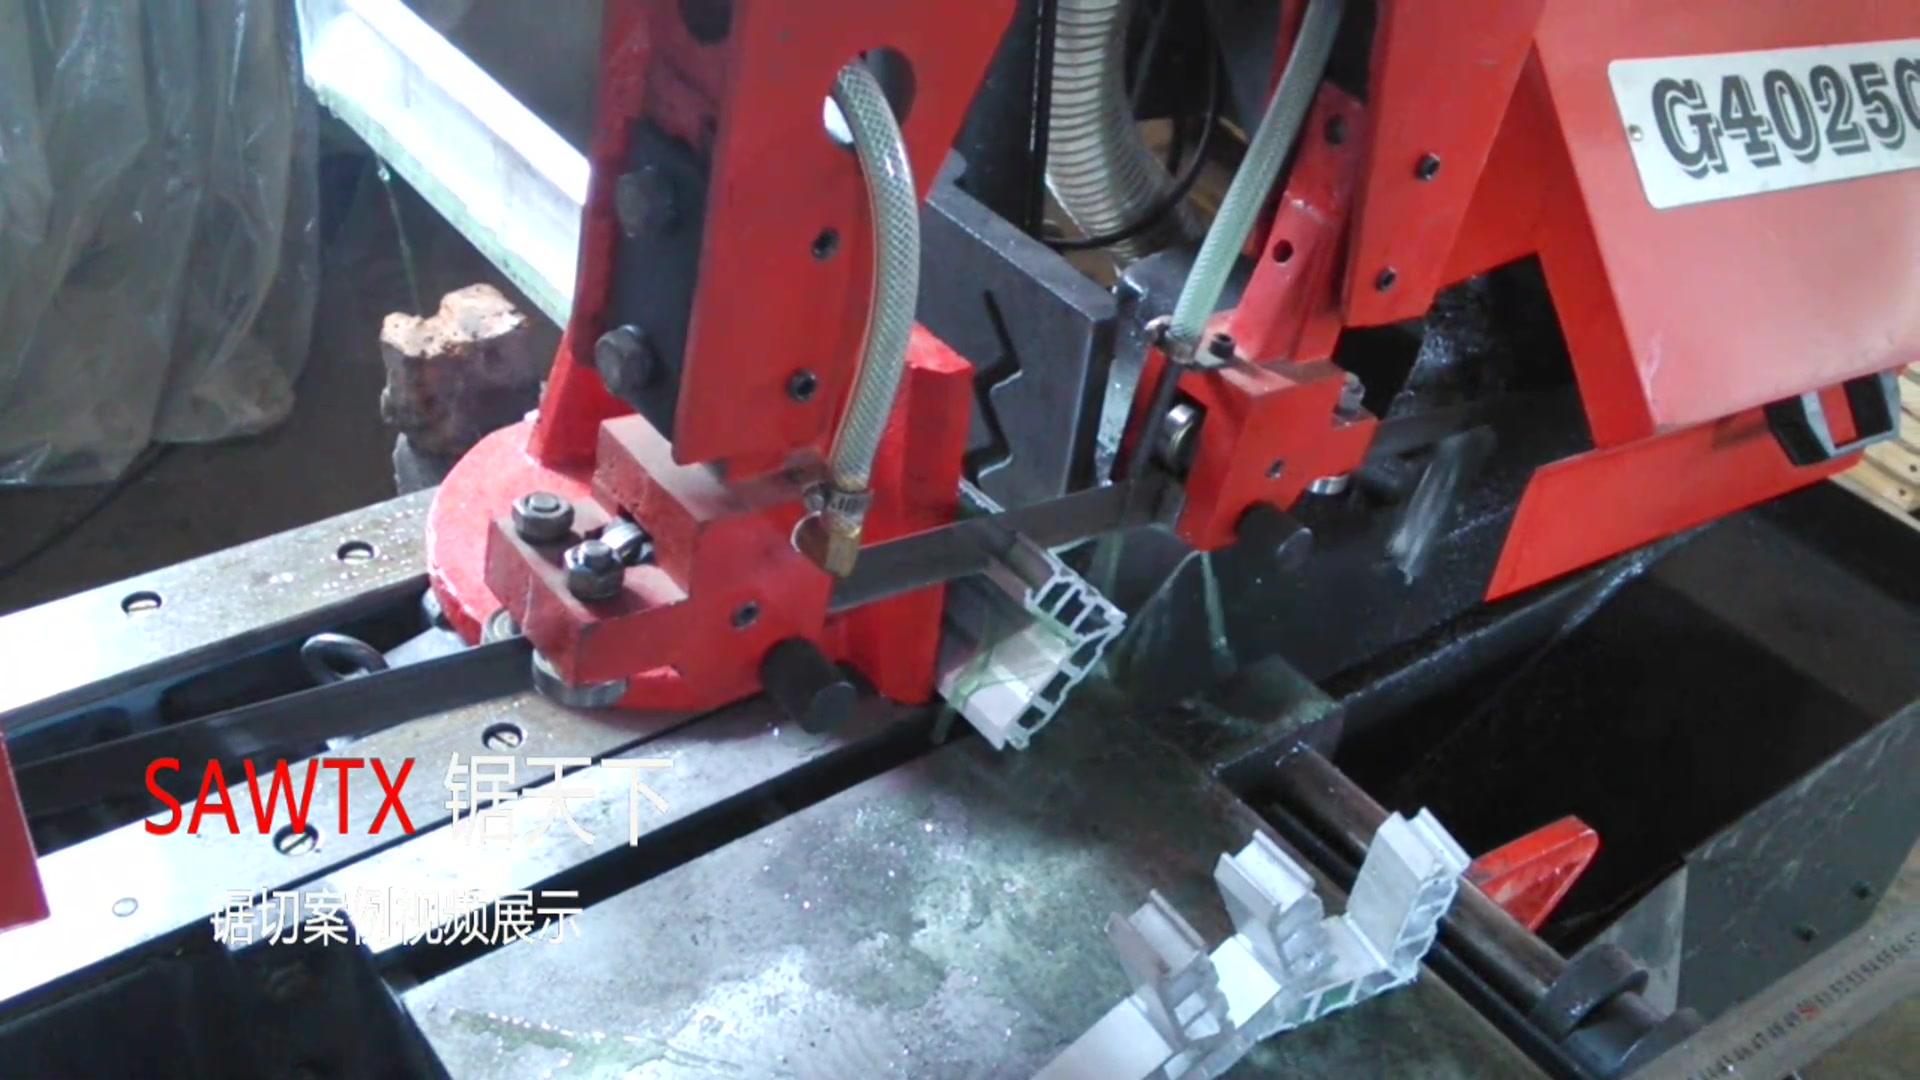 G4025C锯切异性铝材